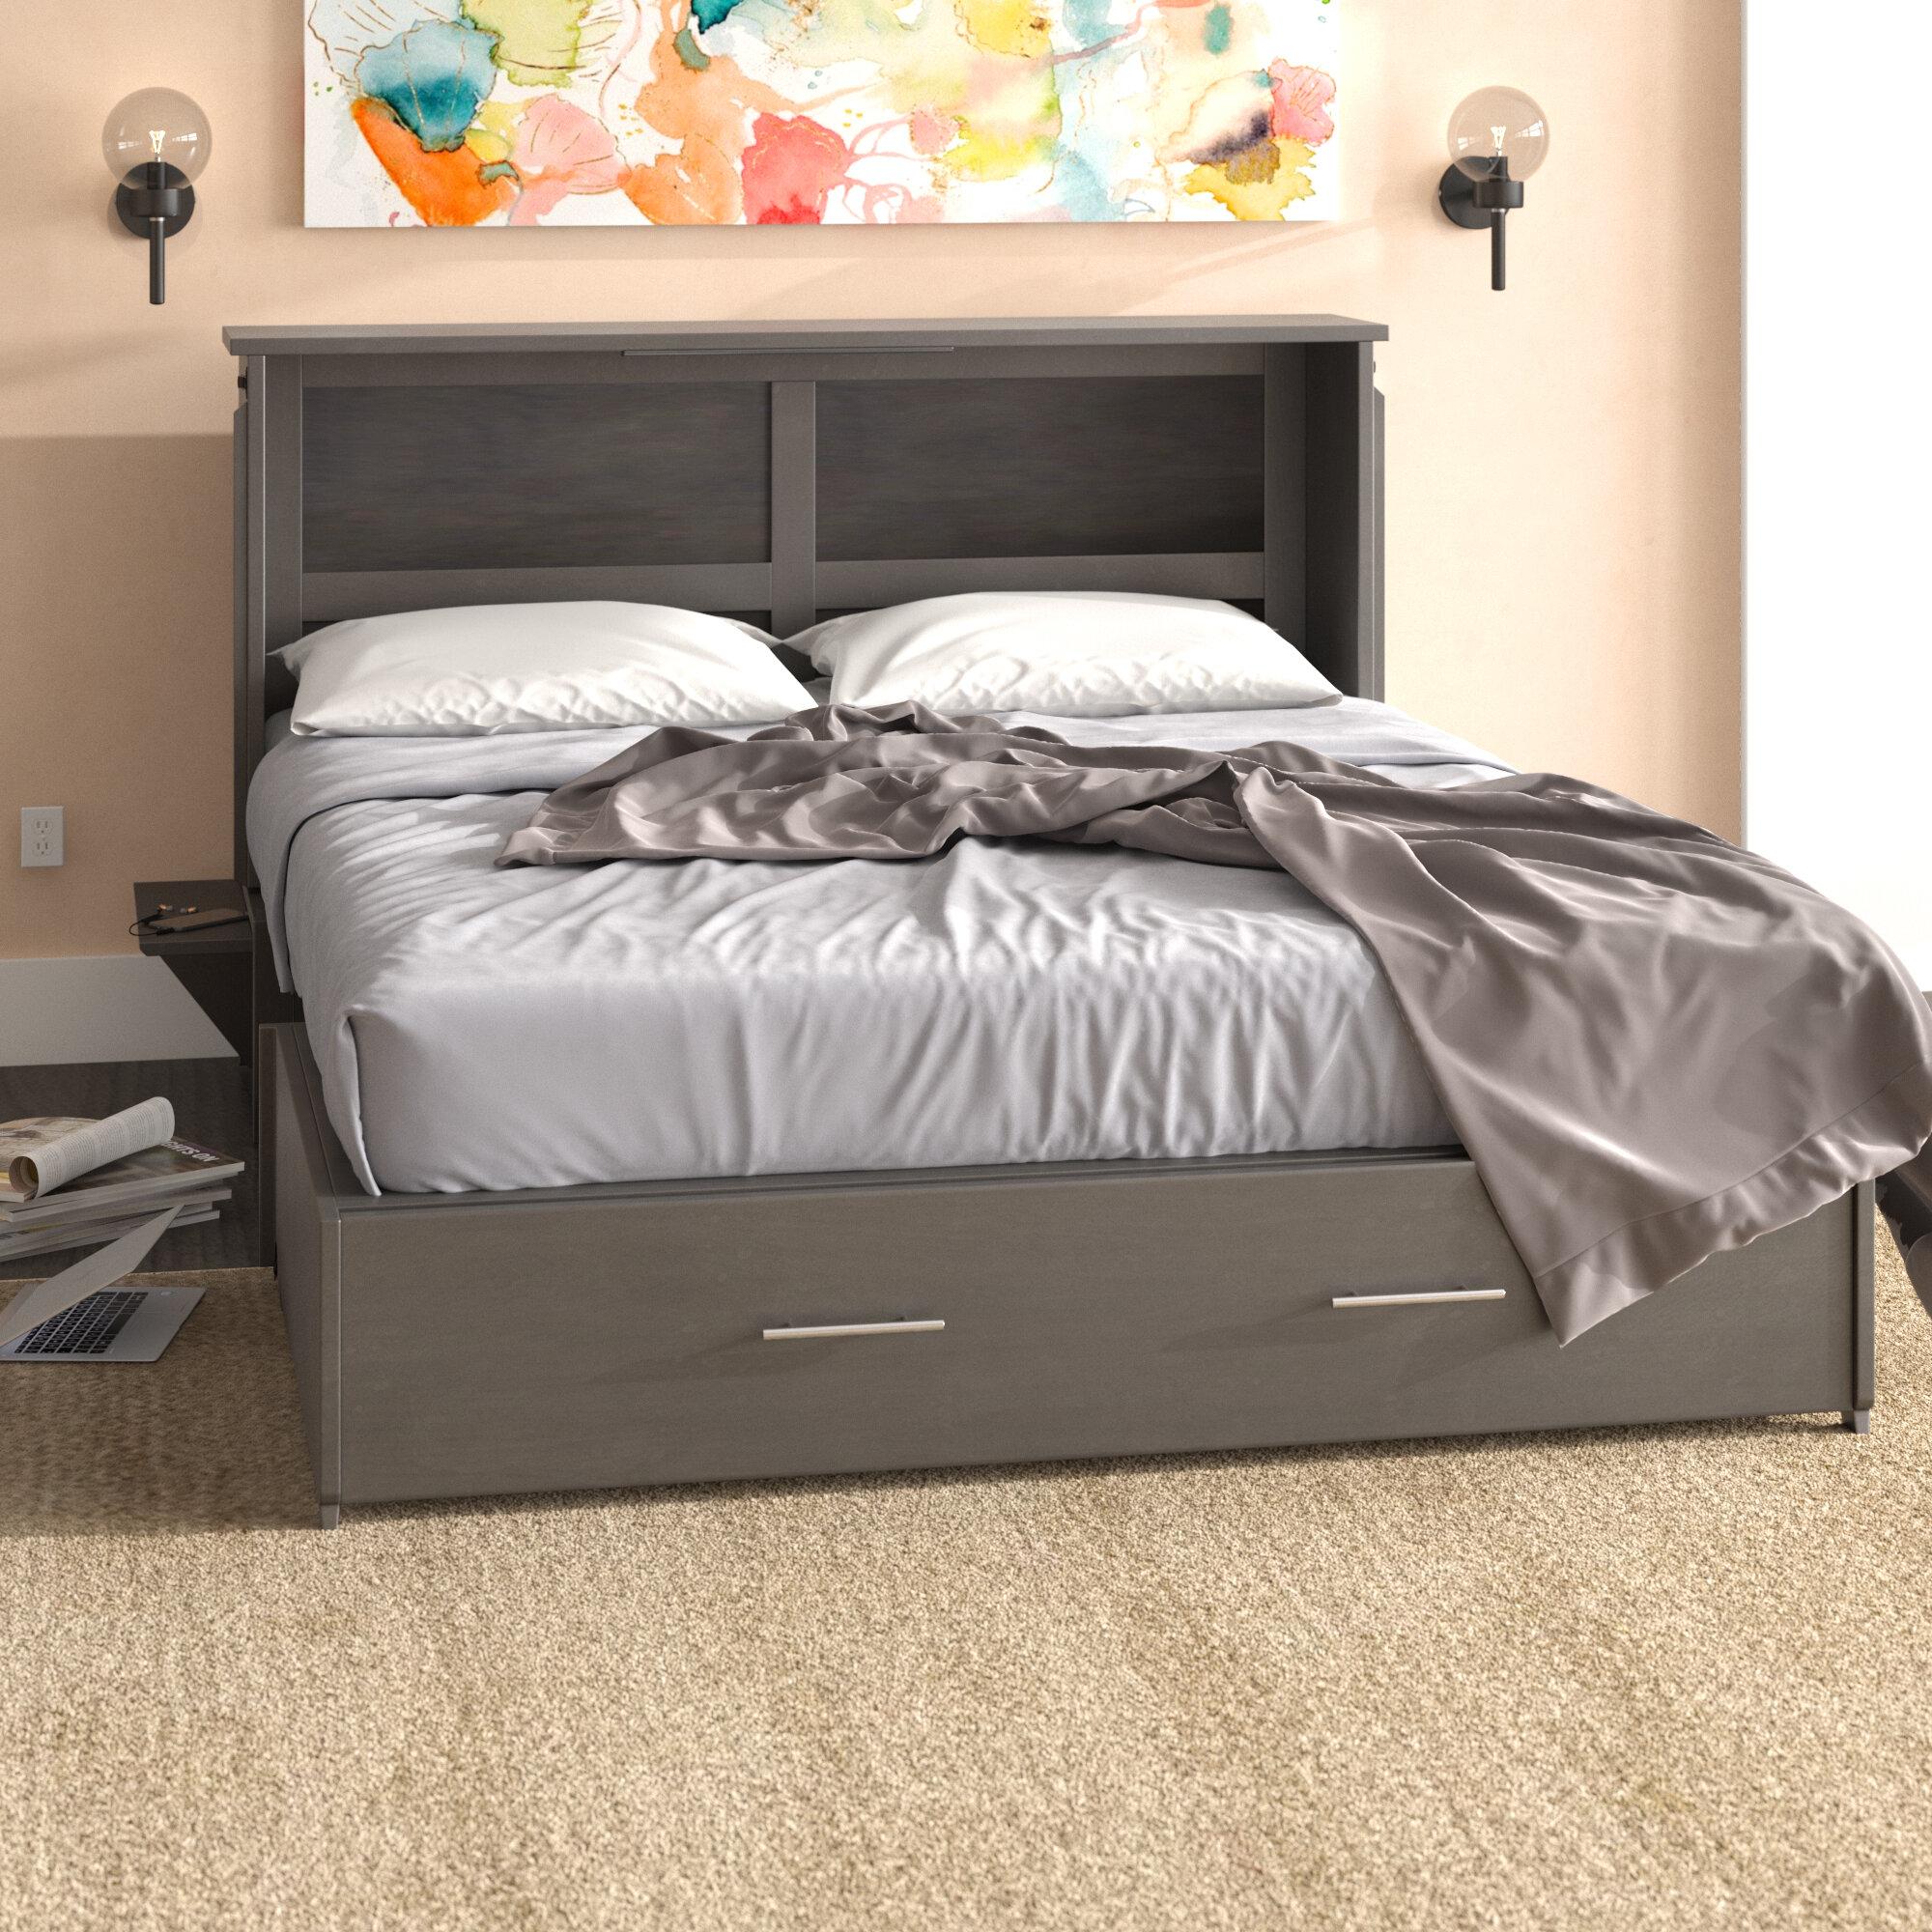 Latitude Run Edmeston Queen Storage Murphy Bed with Mattress